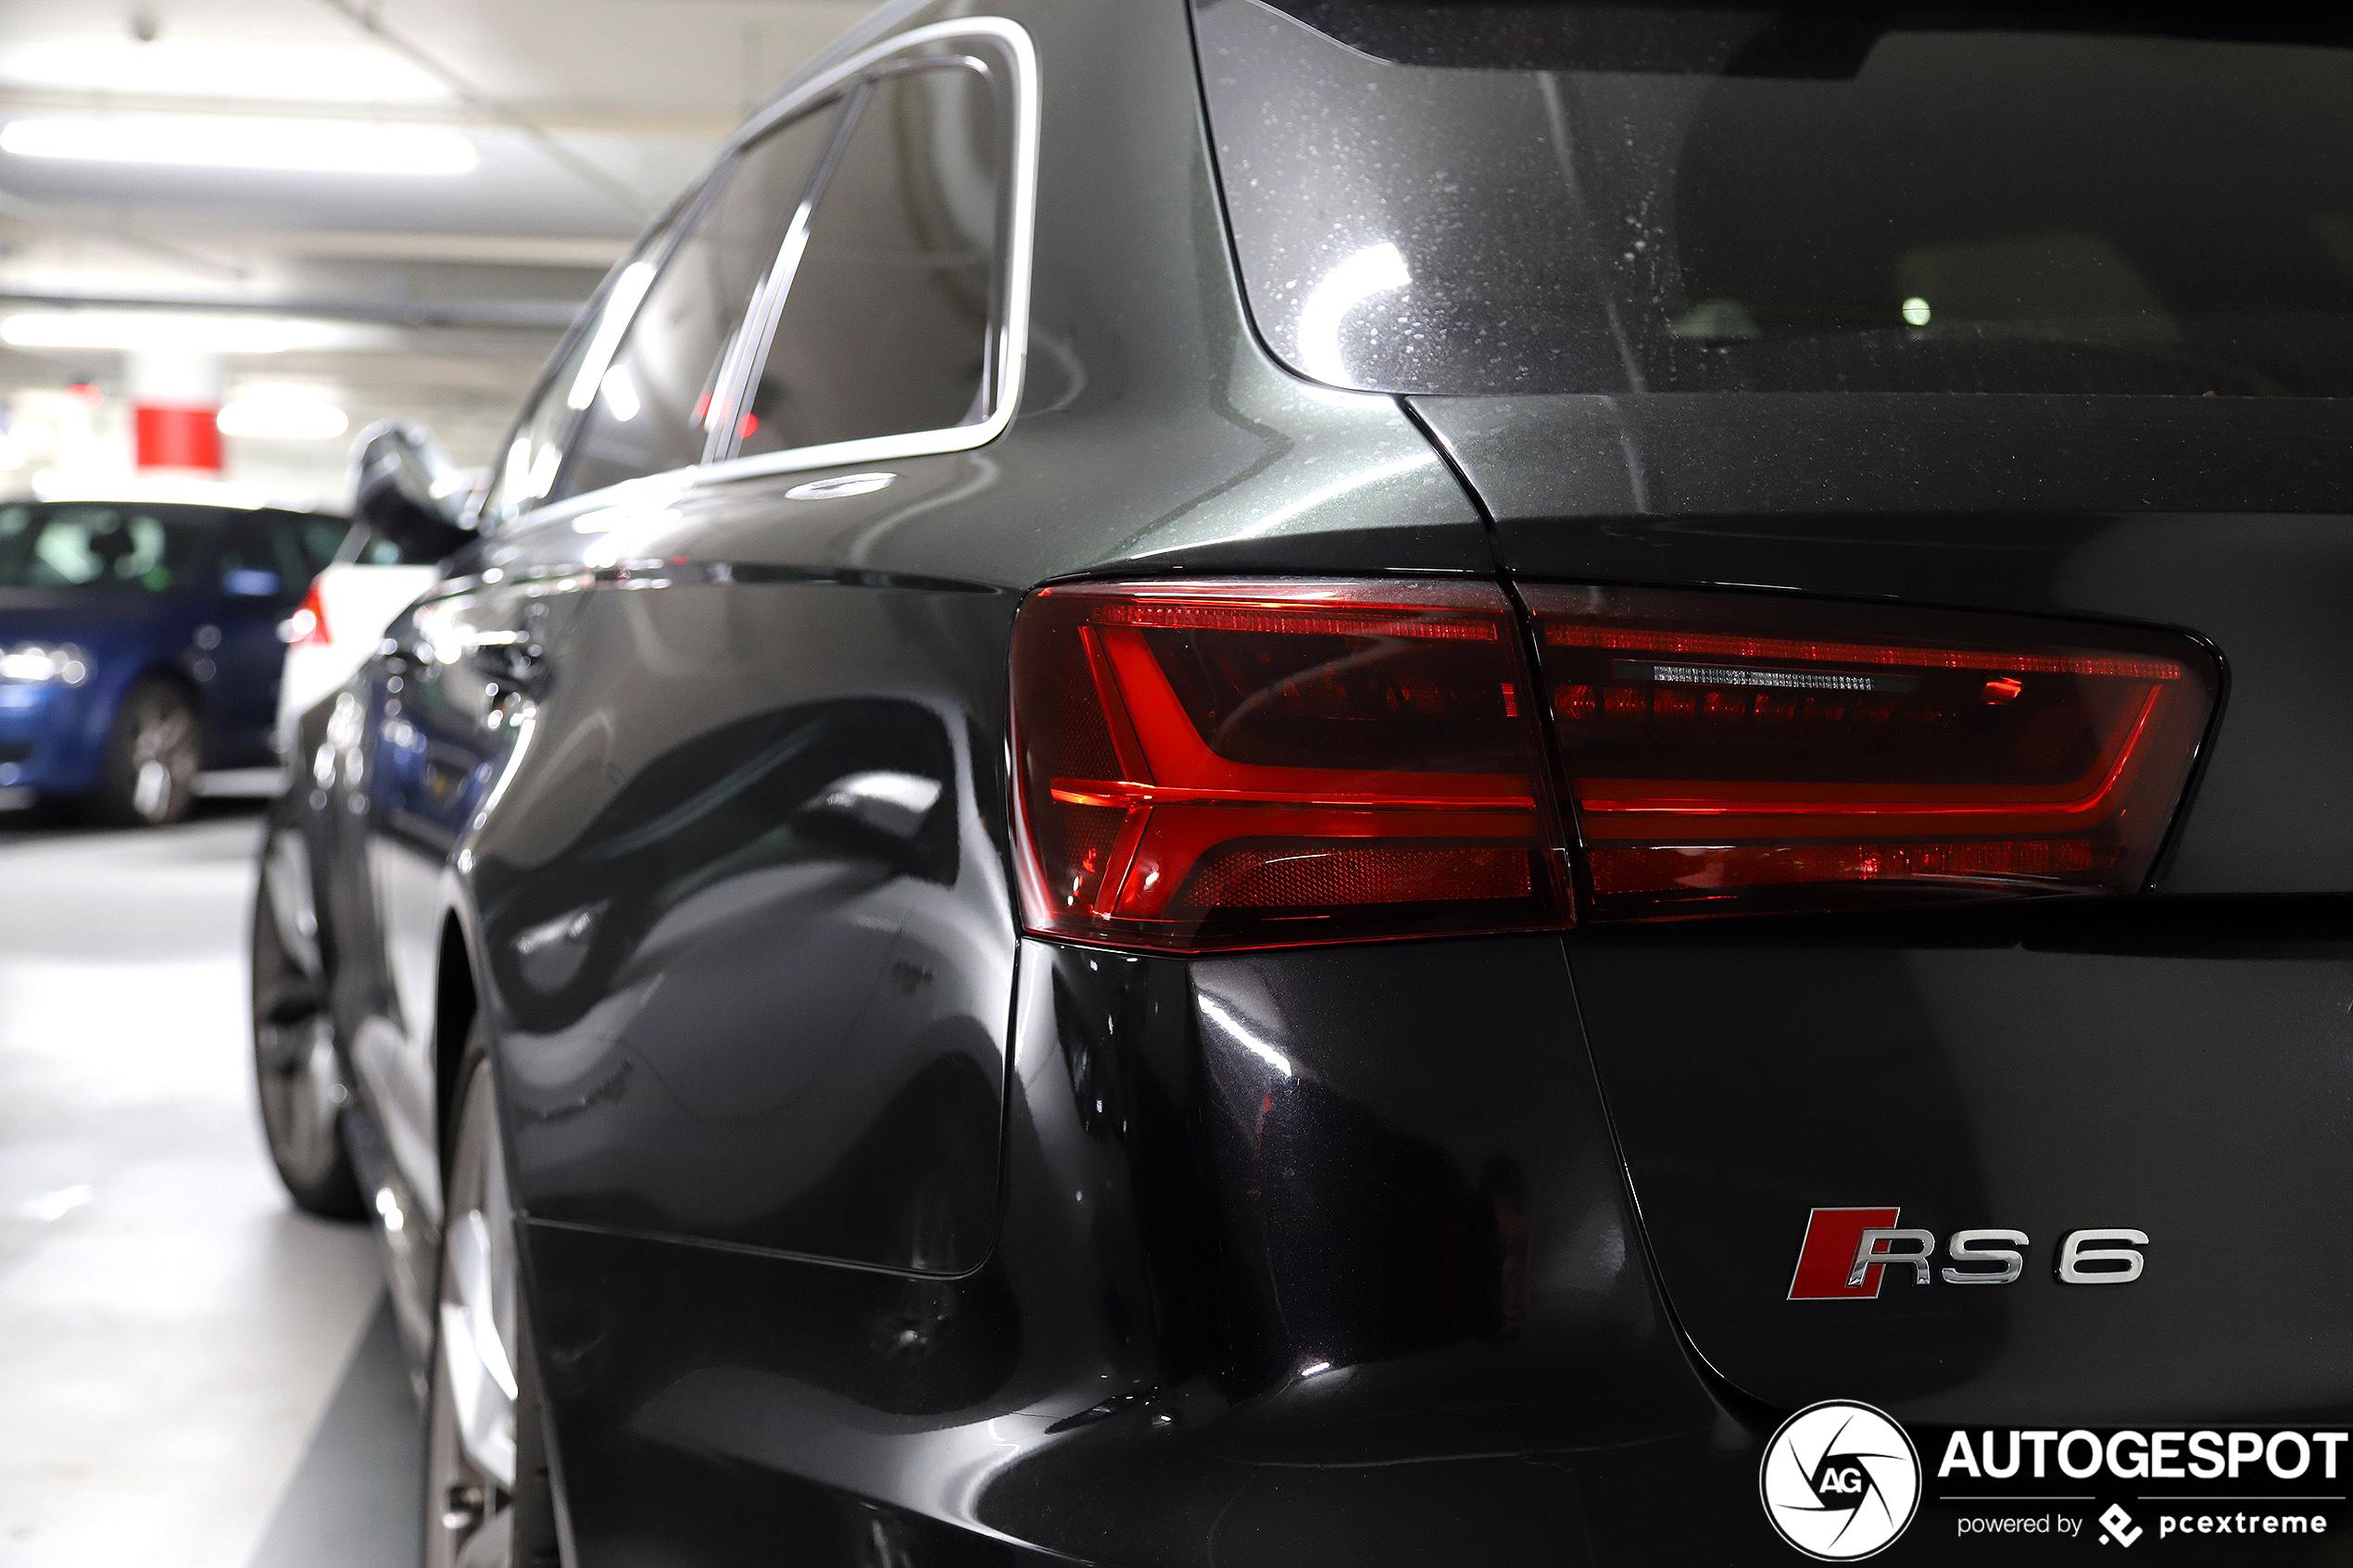 Audi RS6 Avant C7 2015 - 18 February 2021 - Autogespot